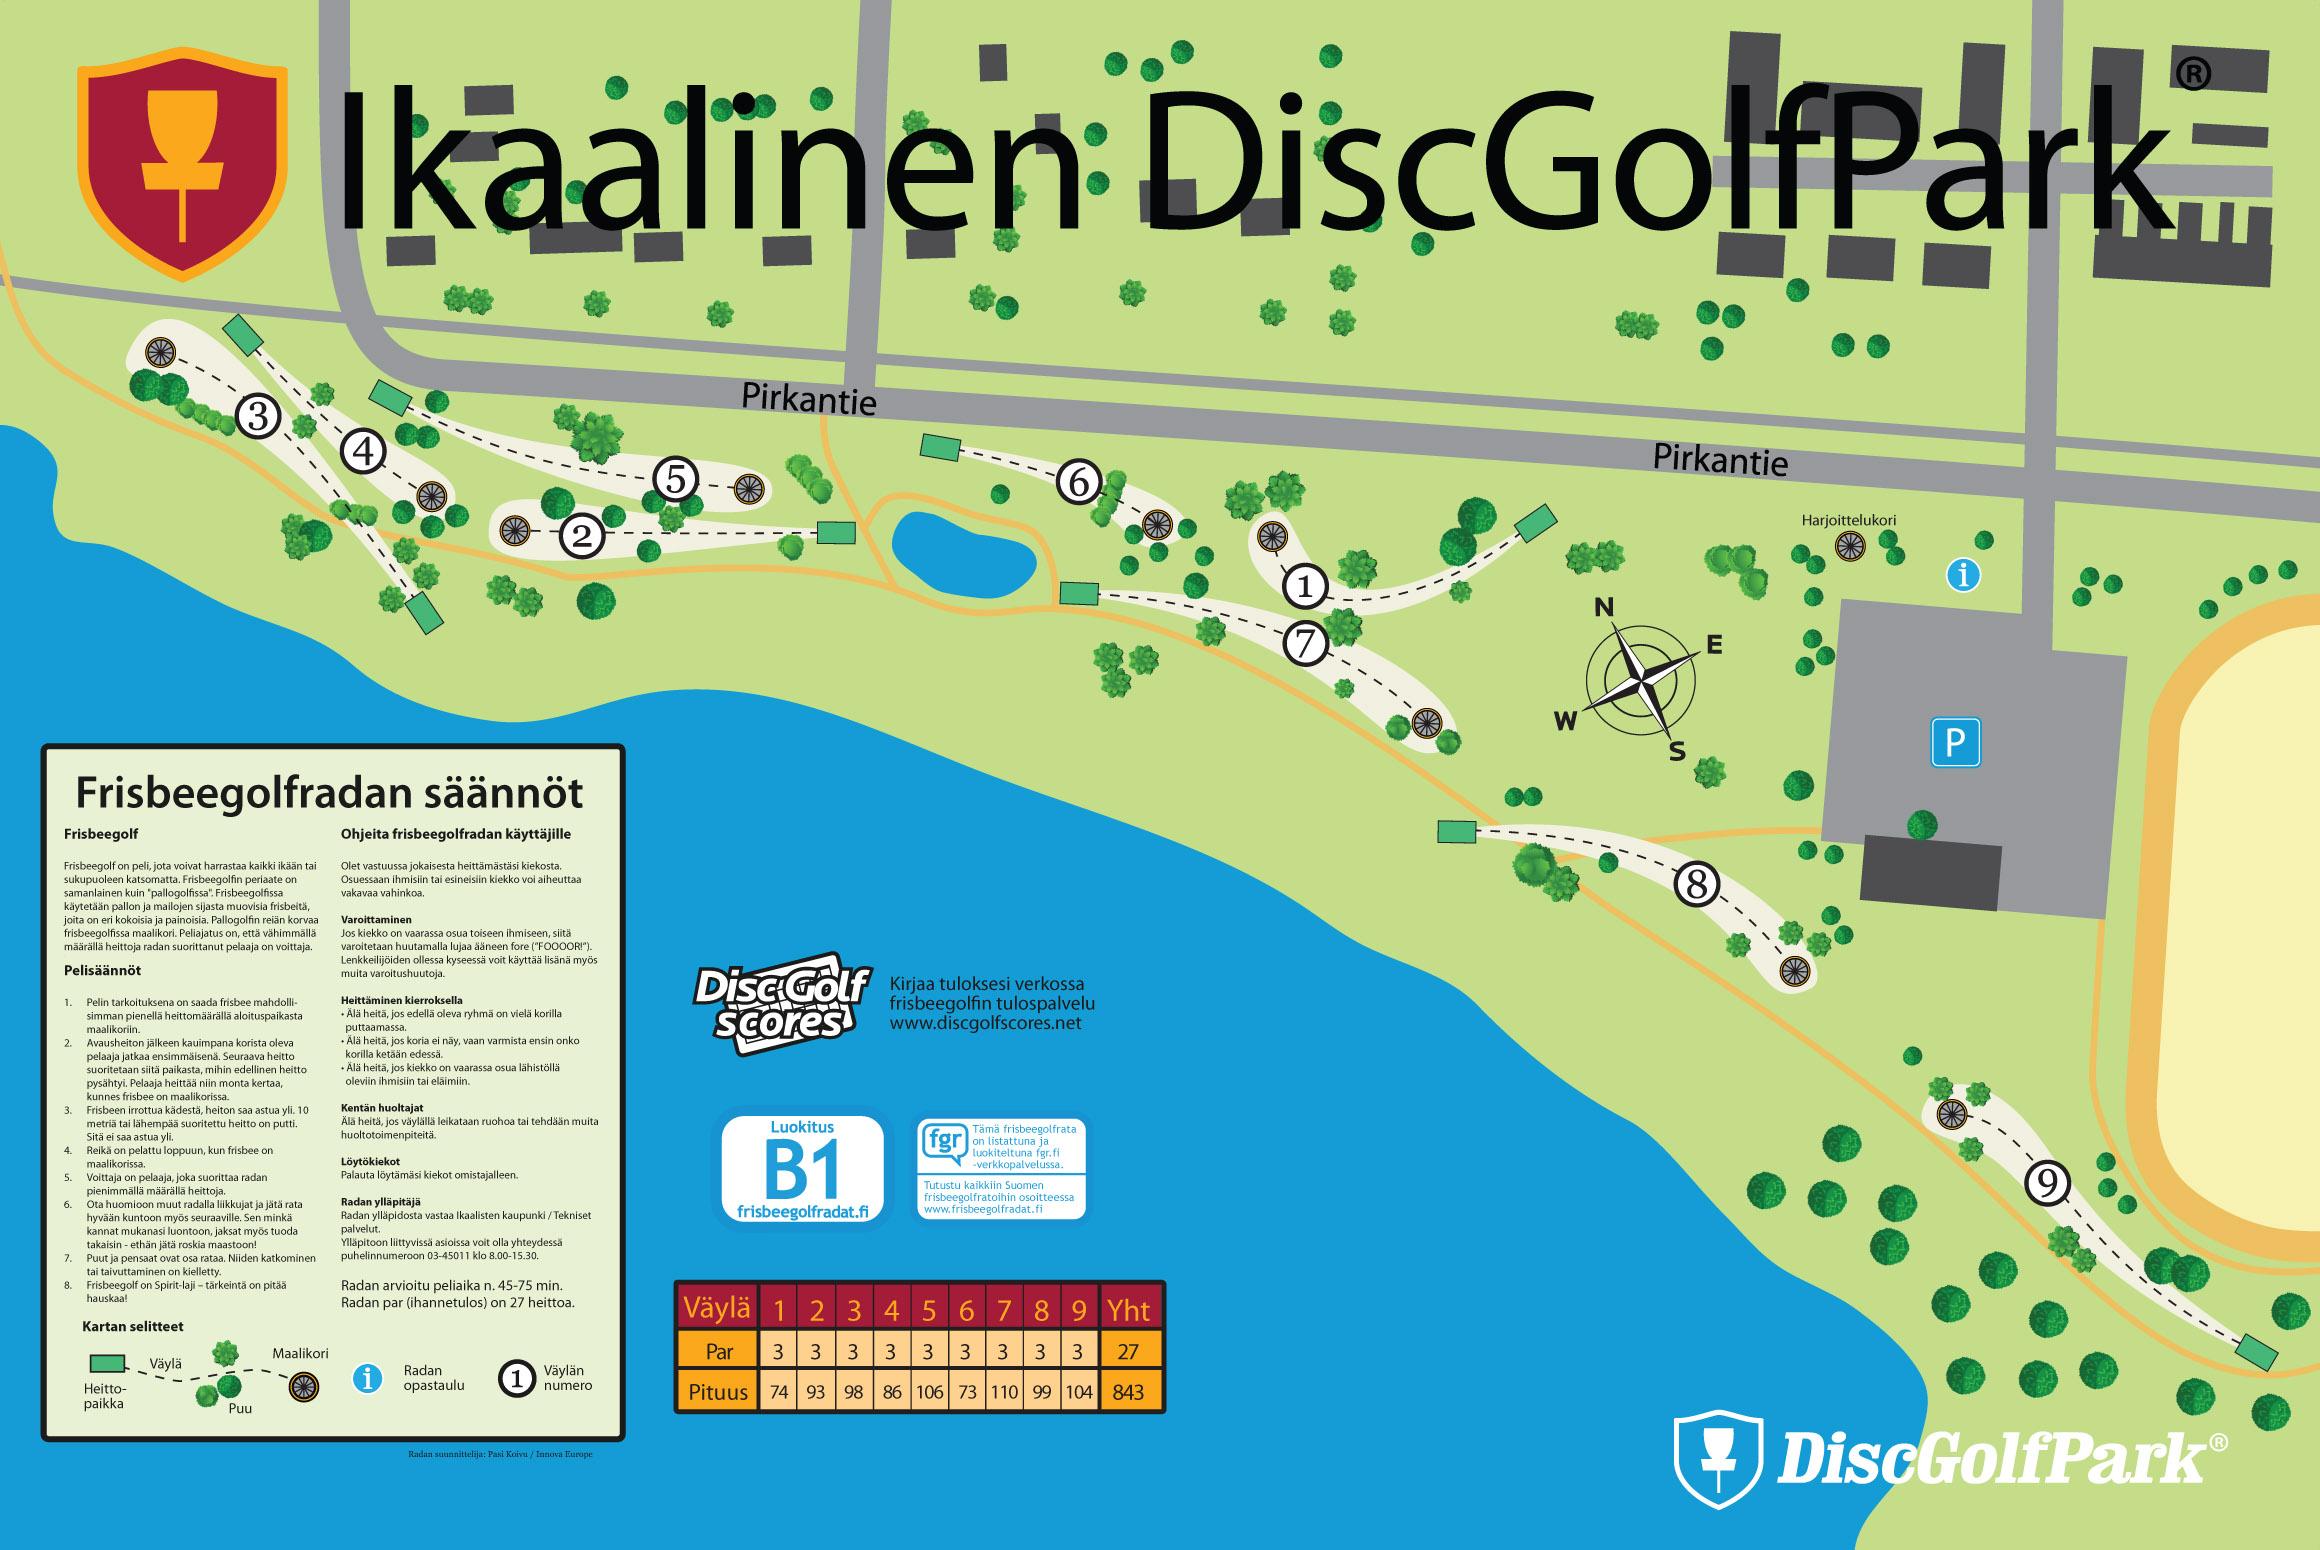 Ikaalinen Discgolfpark Discgolfpark